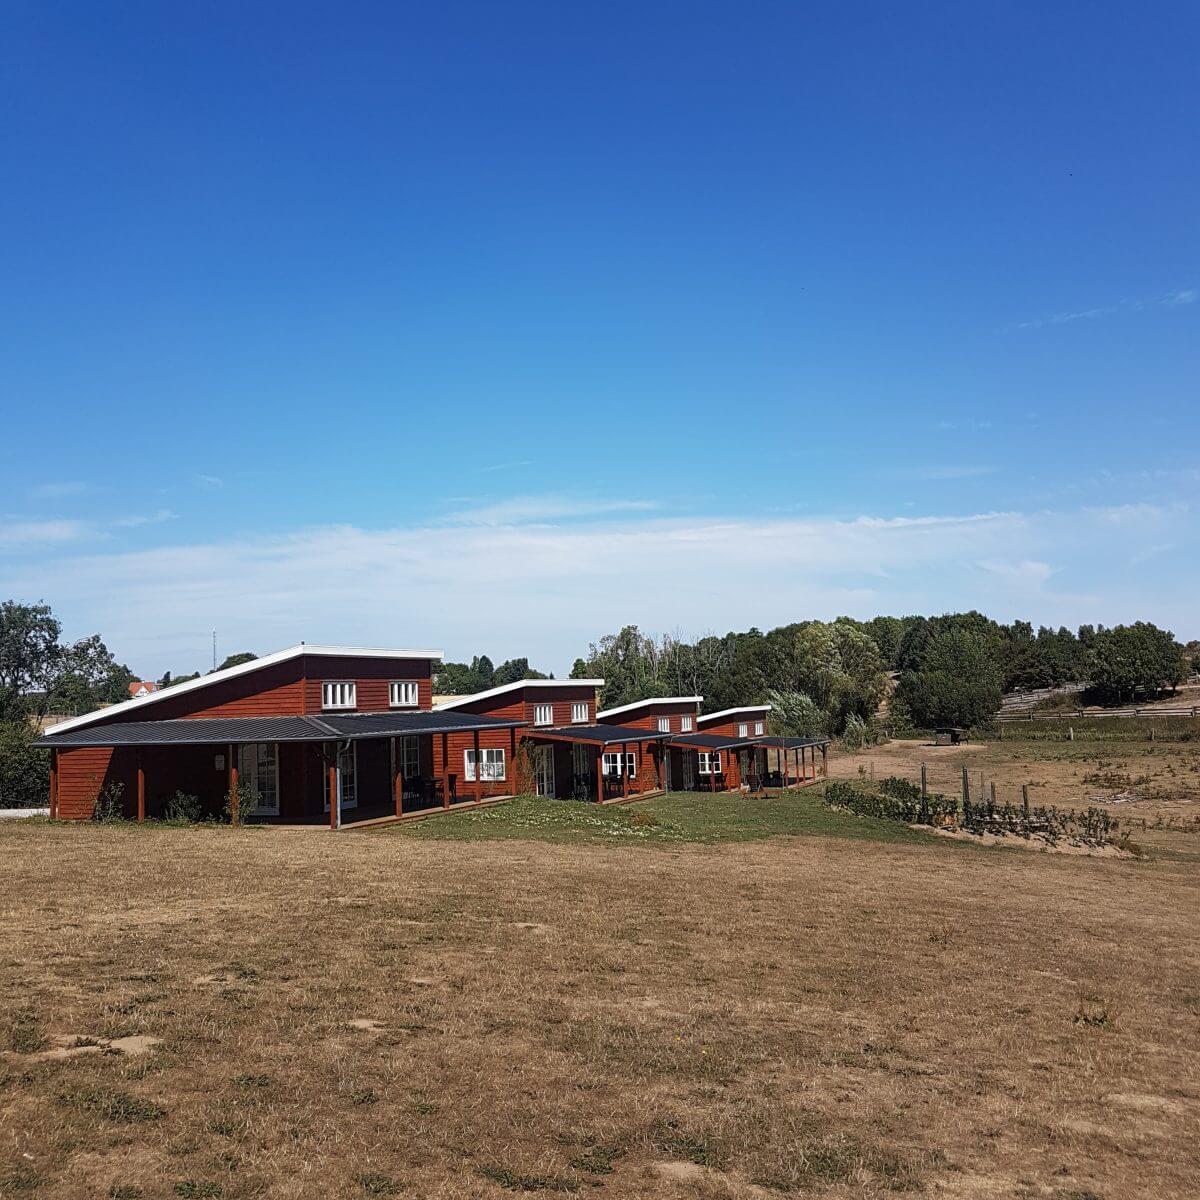 Ditlevsdal Bisonfarm: op bisonsafari of zelfs slapen tussen de bizons, op het eiland Funen in Denemarken, prairie cottages #leukmetkids #vakantie #kinderen